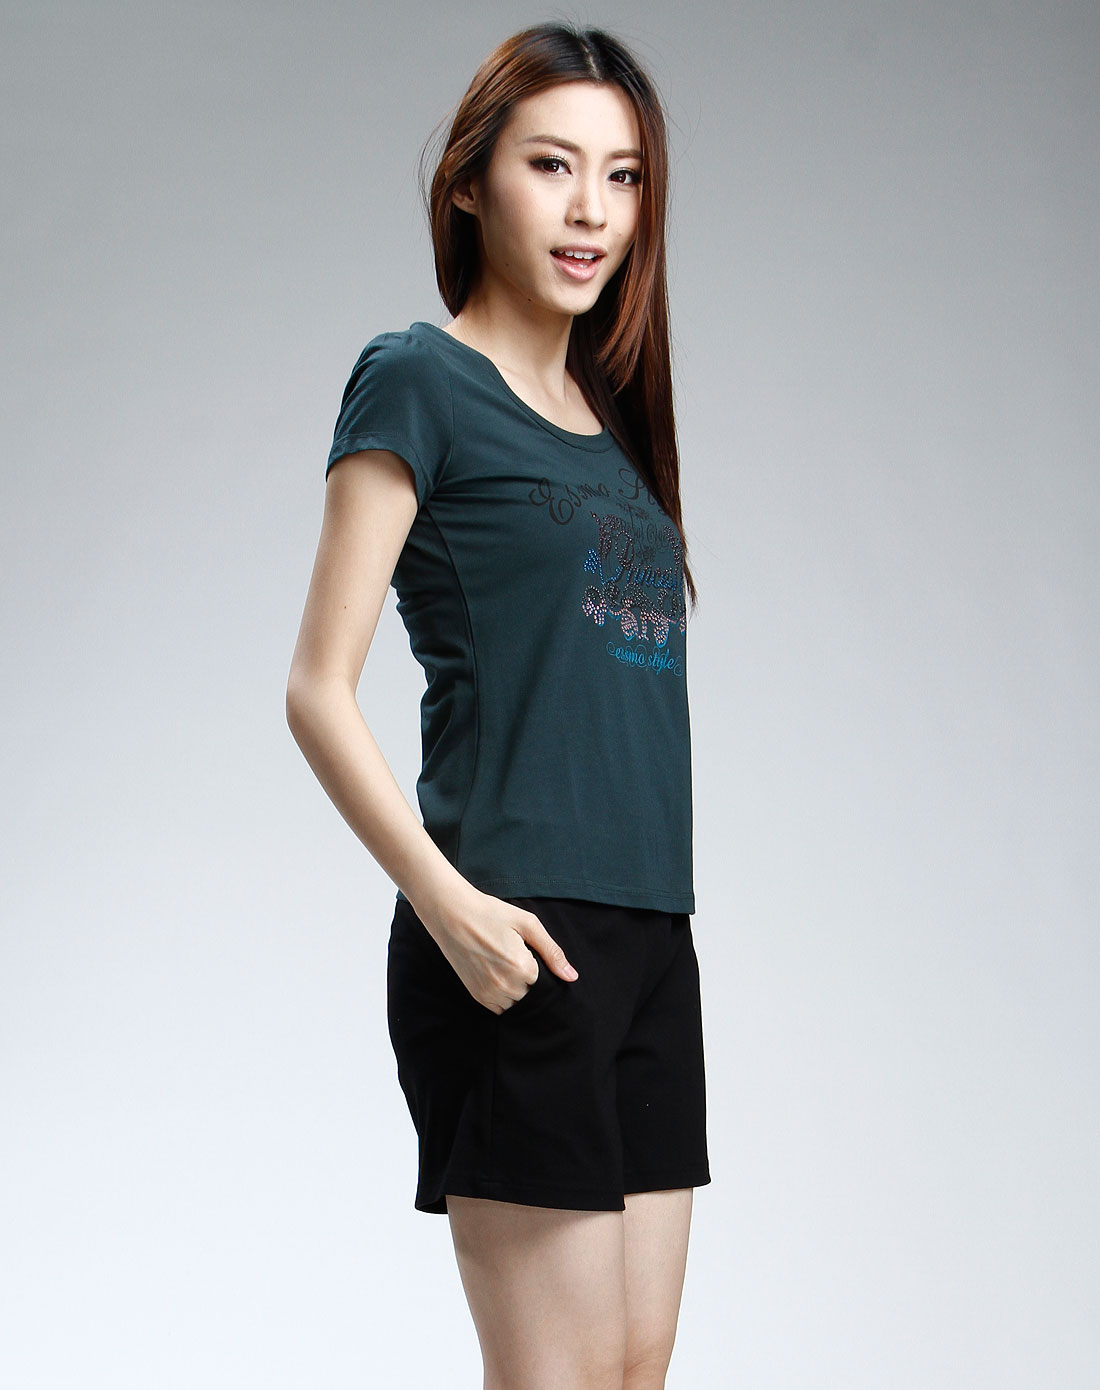 绿色休闲短袖t恤